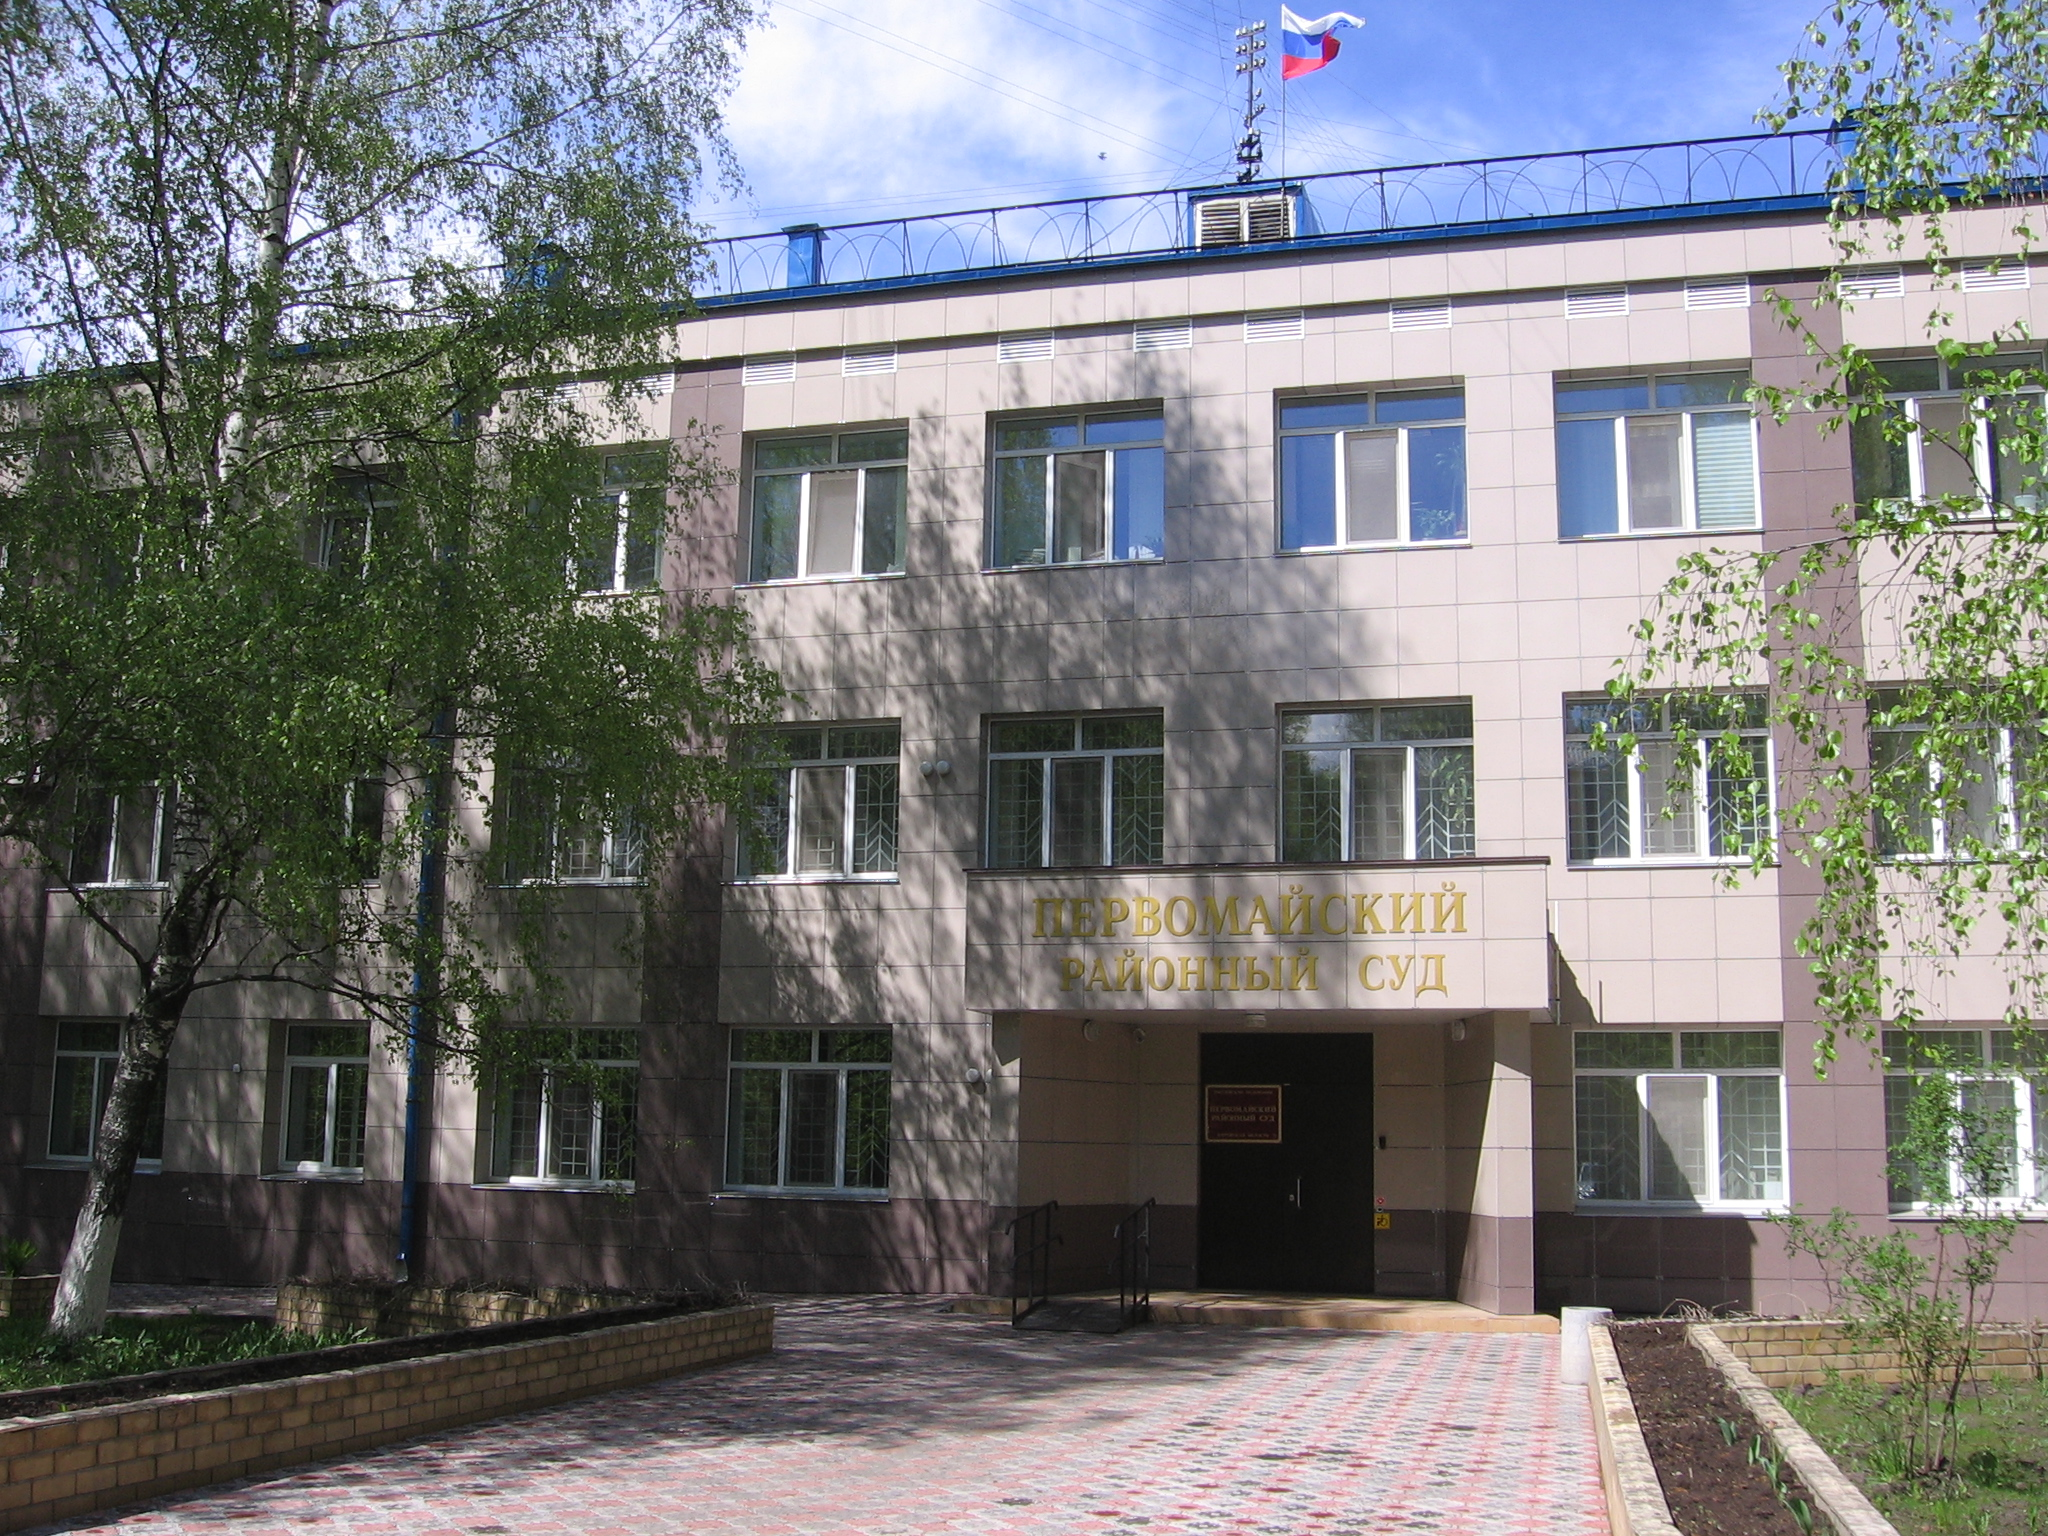 Первомайский районный суд г. Кирова